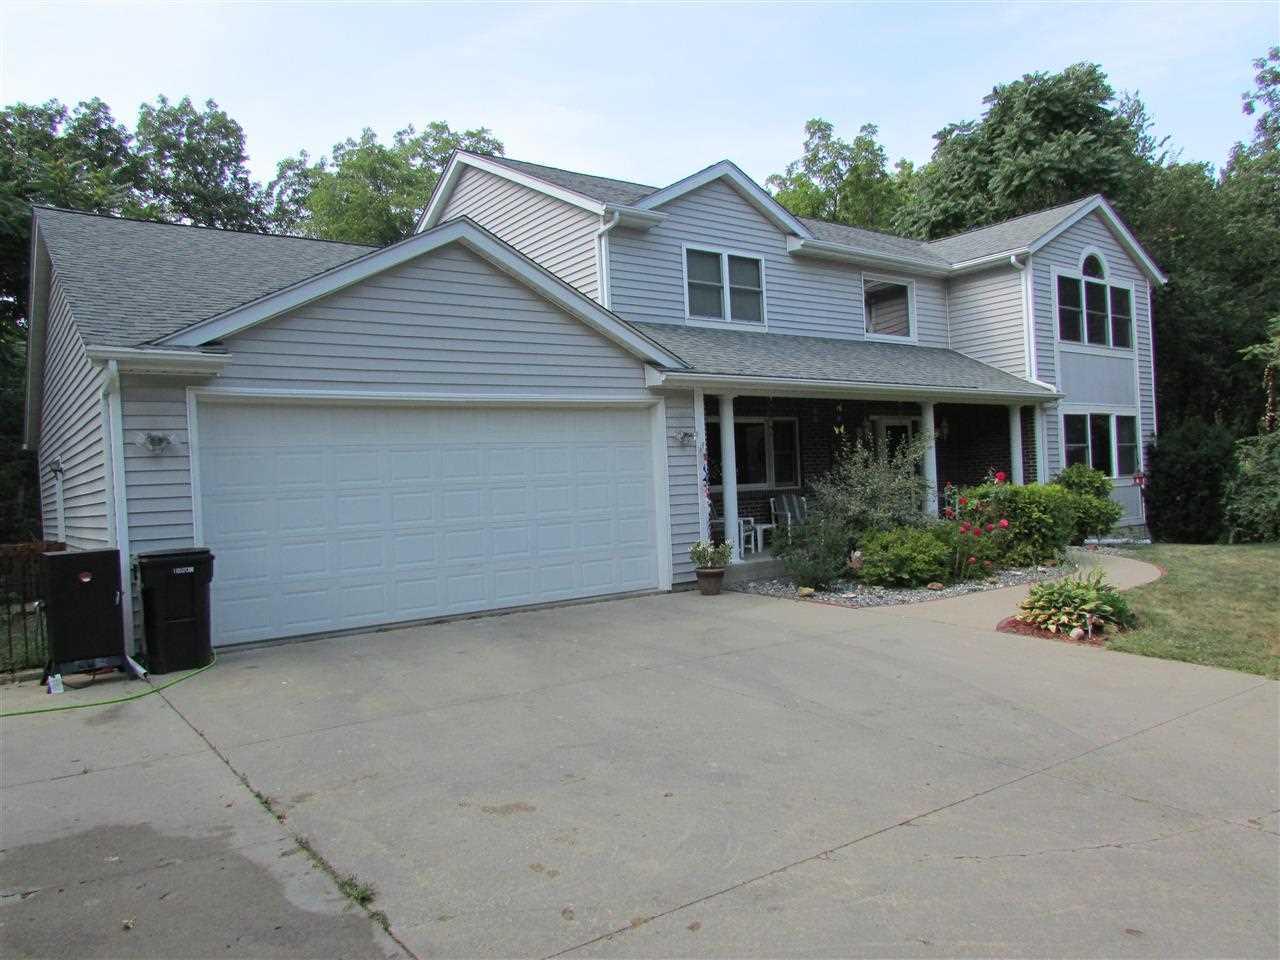 Real Estate for Sale, ListingId: 30888561, Ottumwa,IA52501